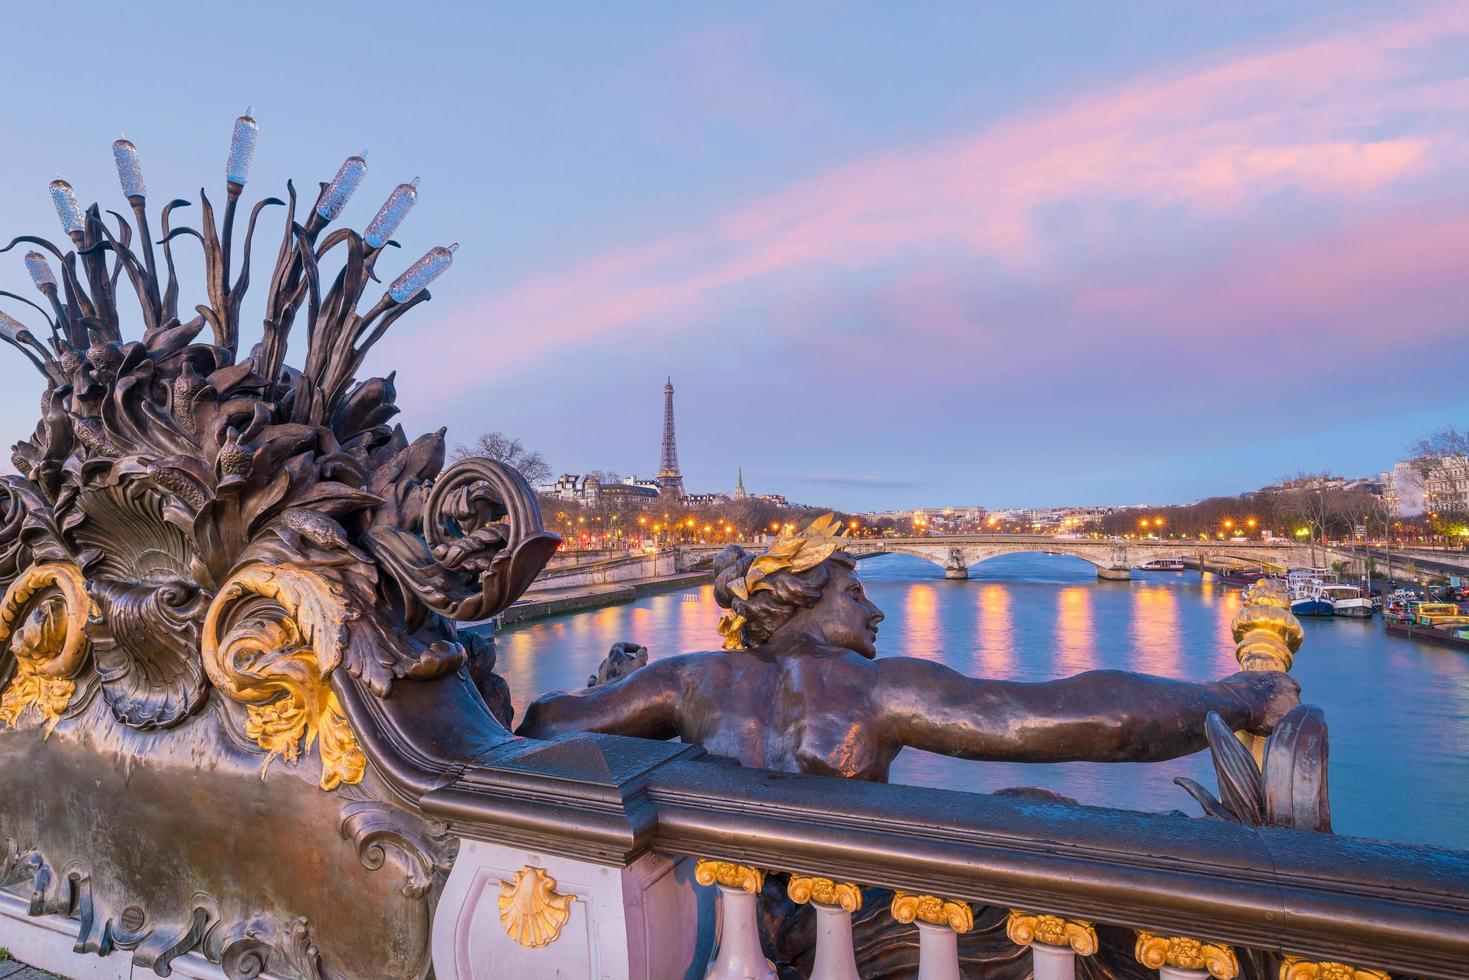 El puente de Alejandro III sobre el río Sena en París, Francia foto